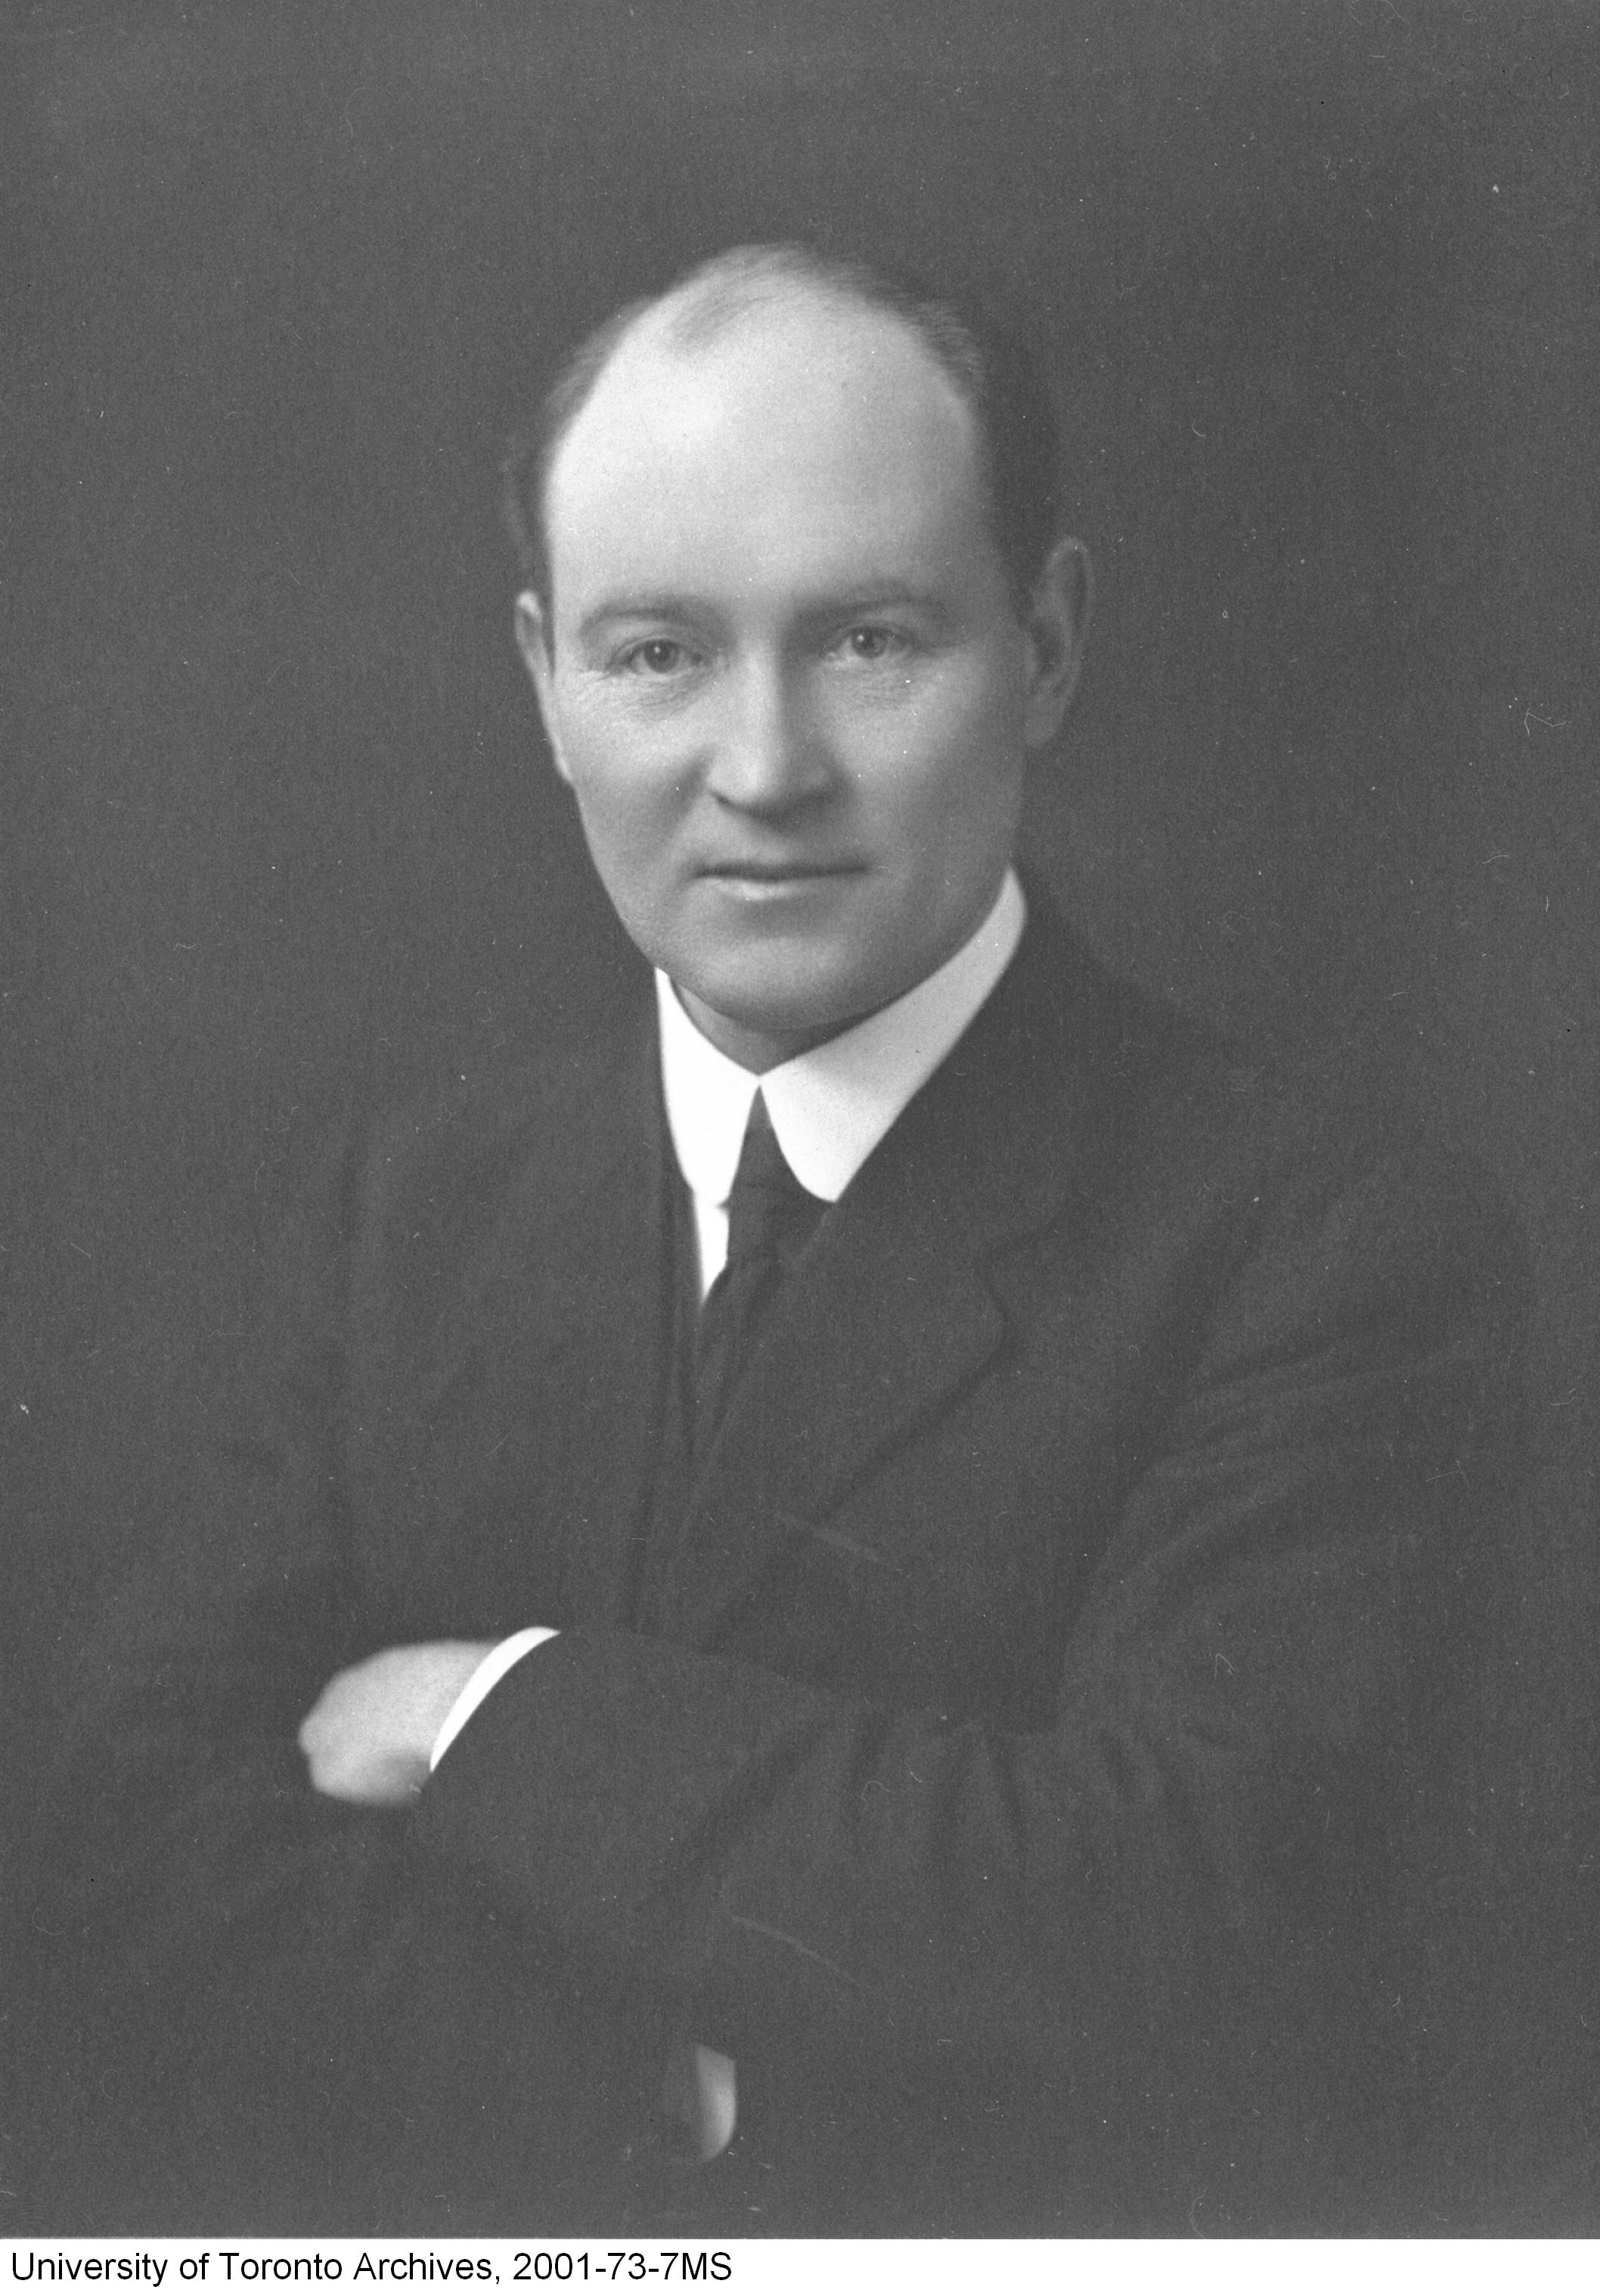 Sir Robert Falconer, circa 1913